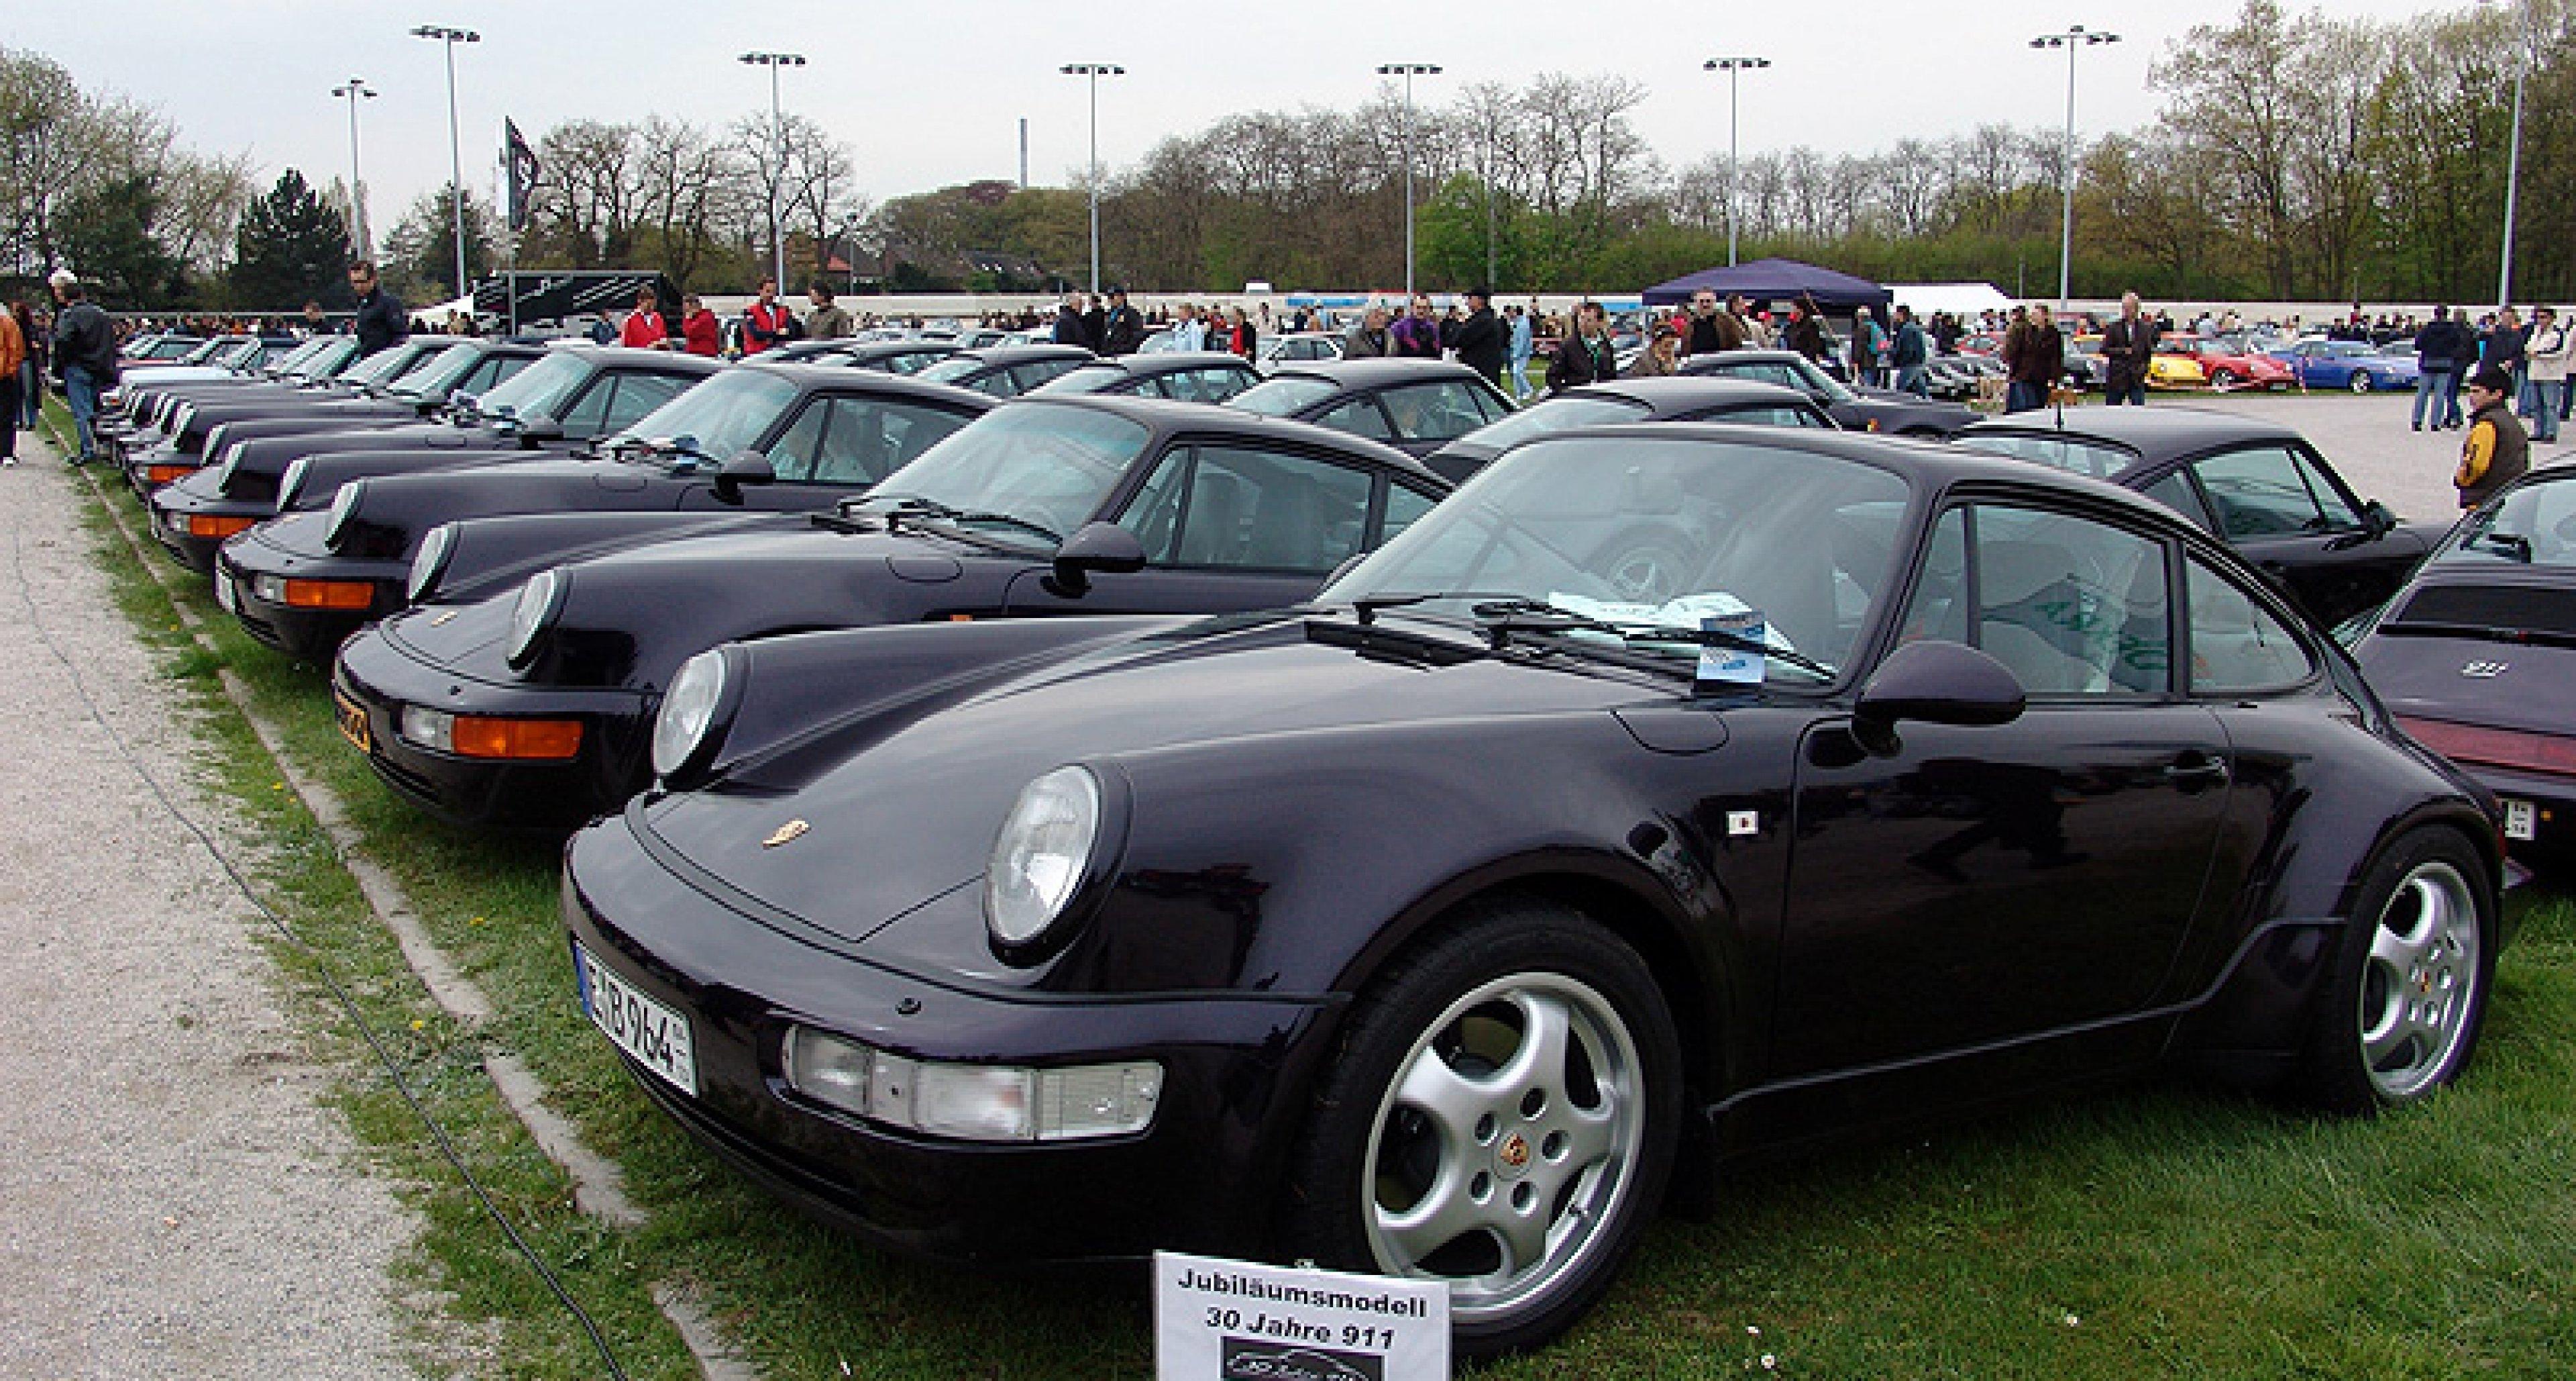 Internationaler Porsche Club Day in Dinslaken: Weltgrößtes Porsche-Treffen